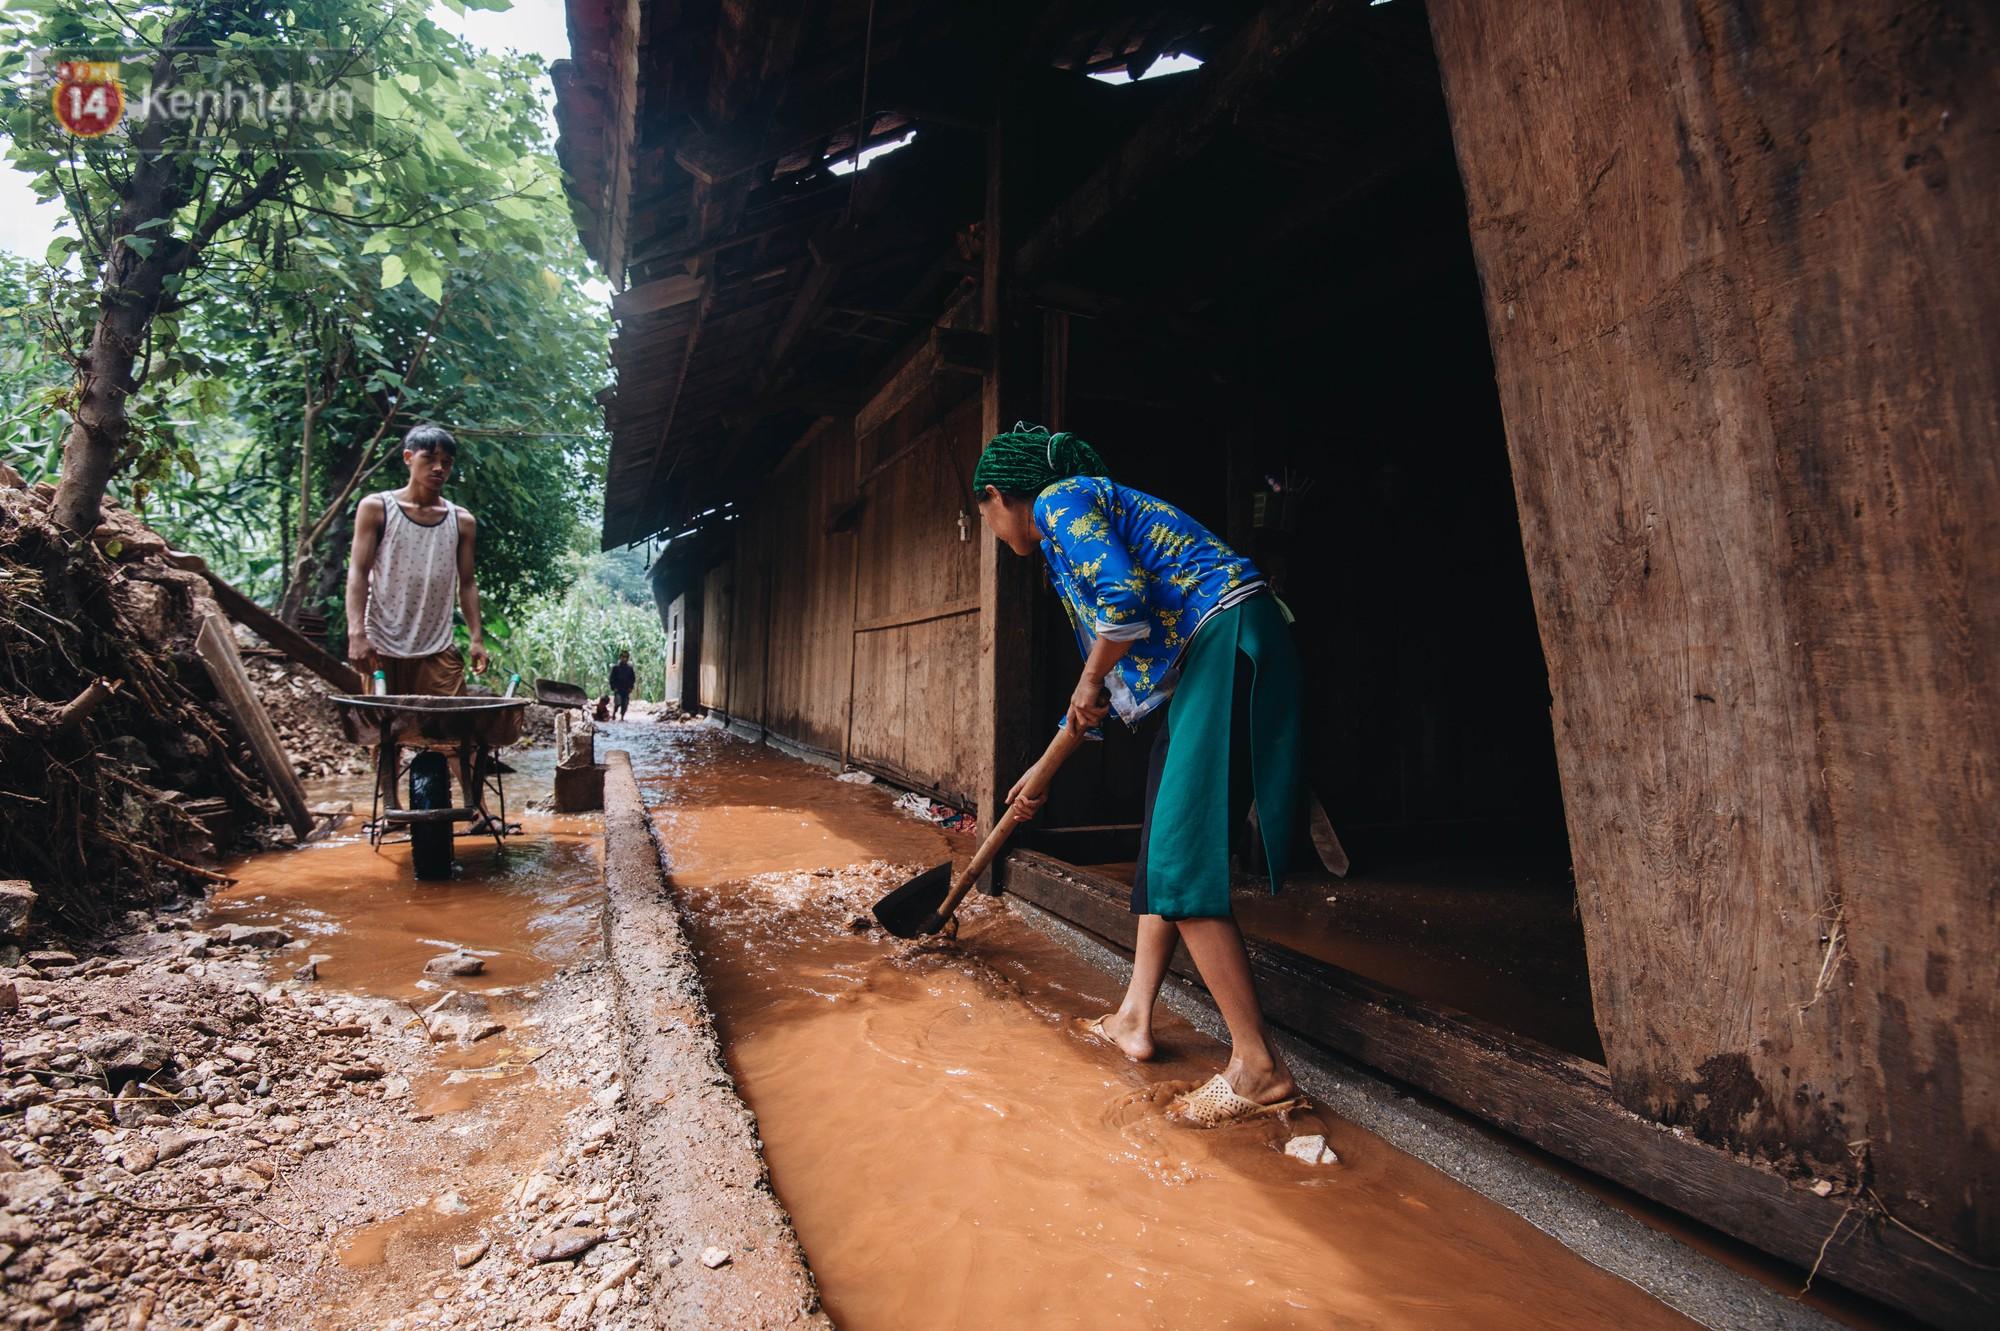 Trận lũ đau thương ở Hà Giang trong vòng 10 năm qua: Giờ đâu còn nhà nữa, mất hết, lũ cuốn trôi hết rồi... - Ảnh 5.